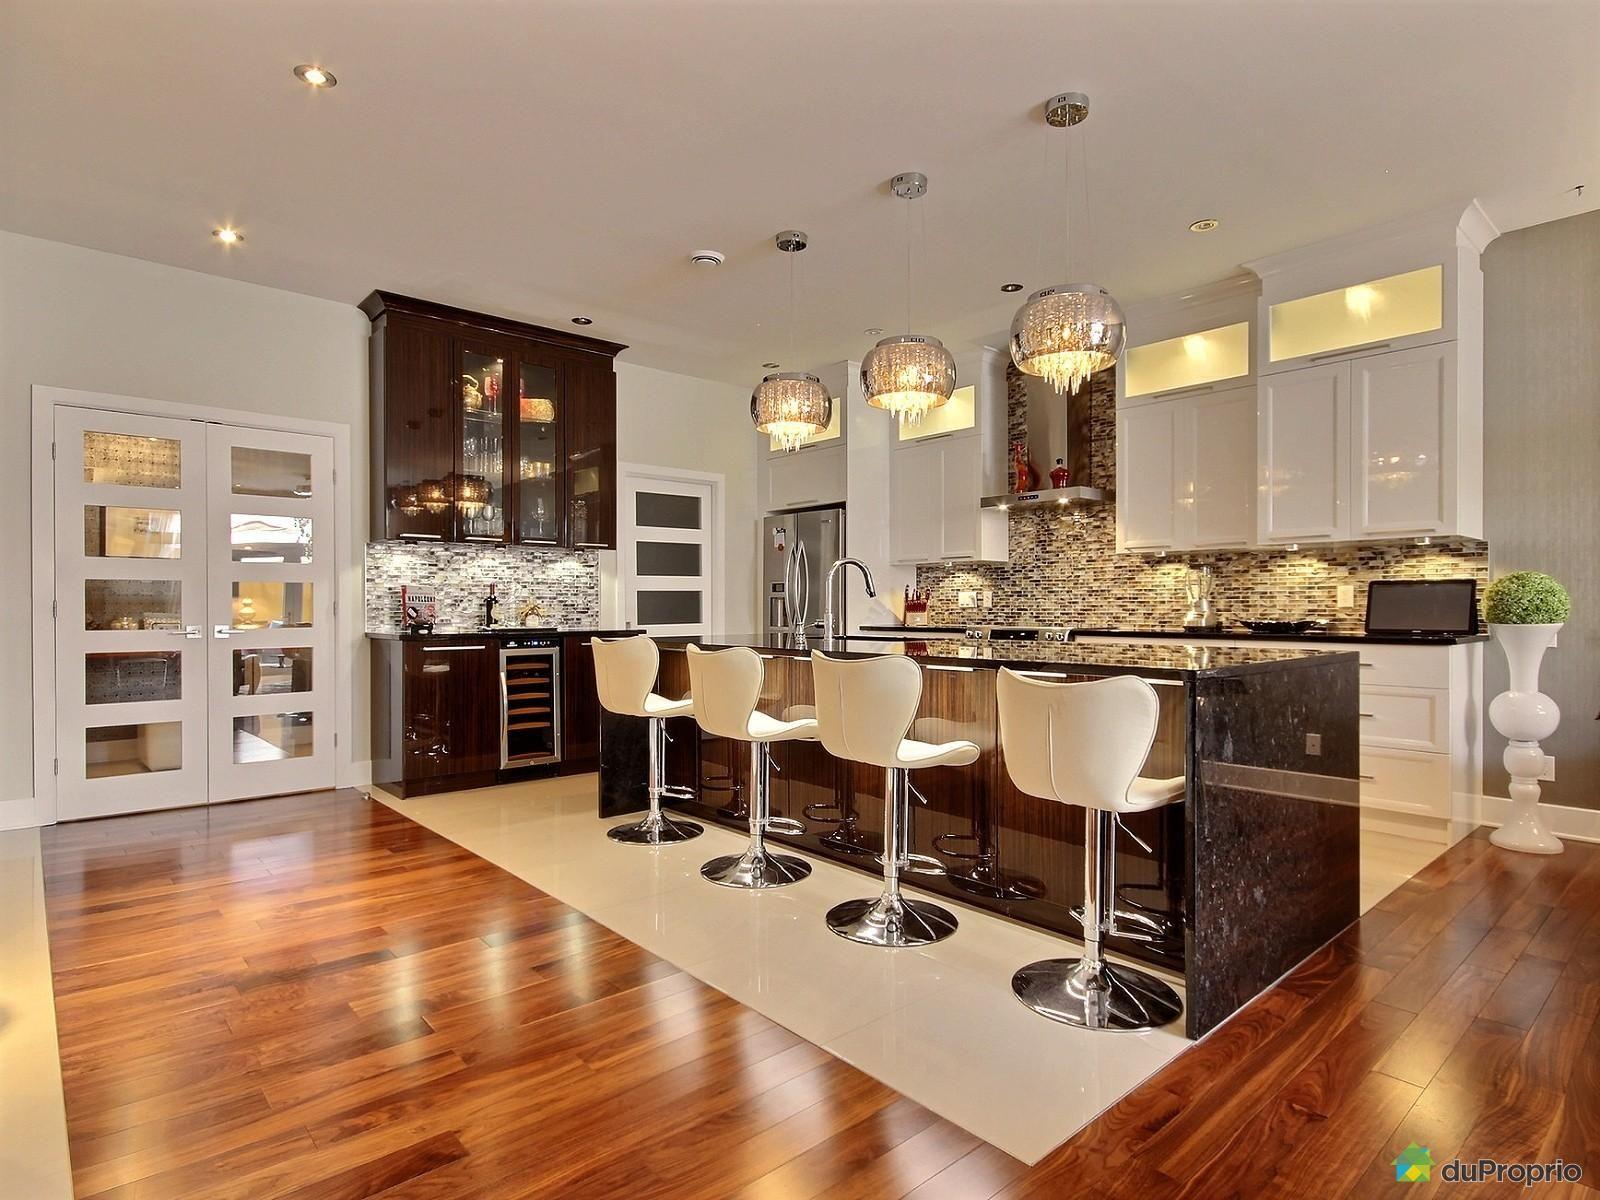 cuisine classique blanche et brun magnifique 238lot en